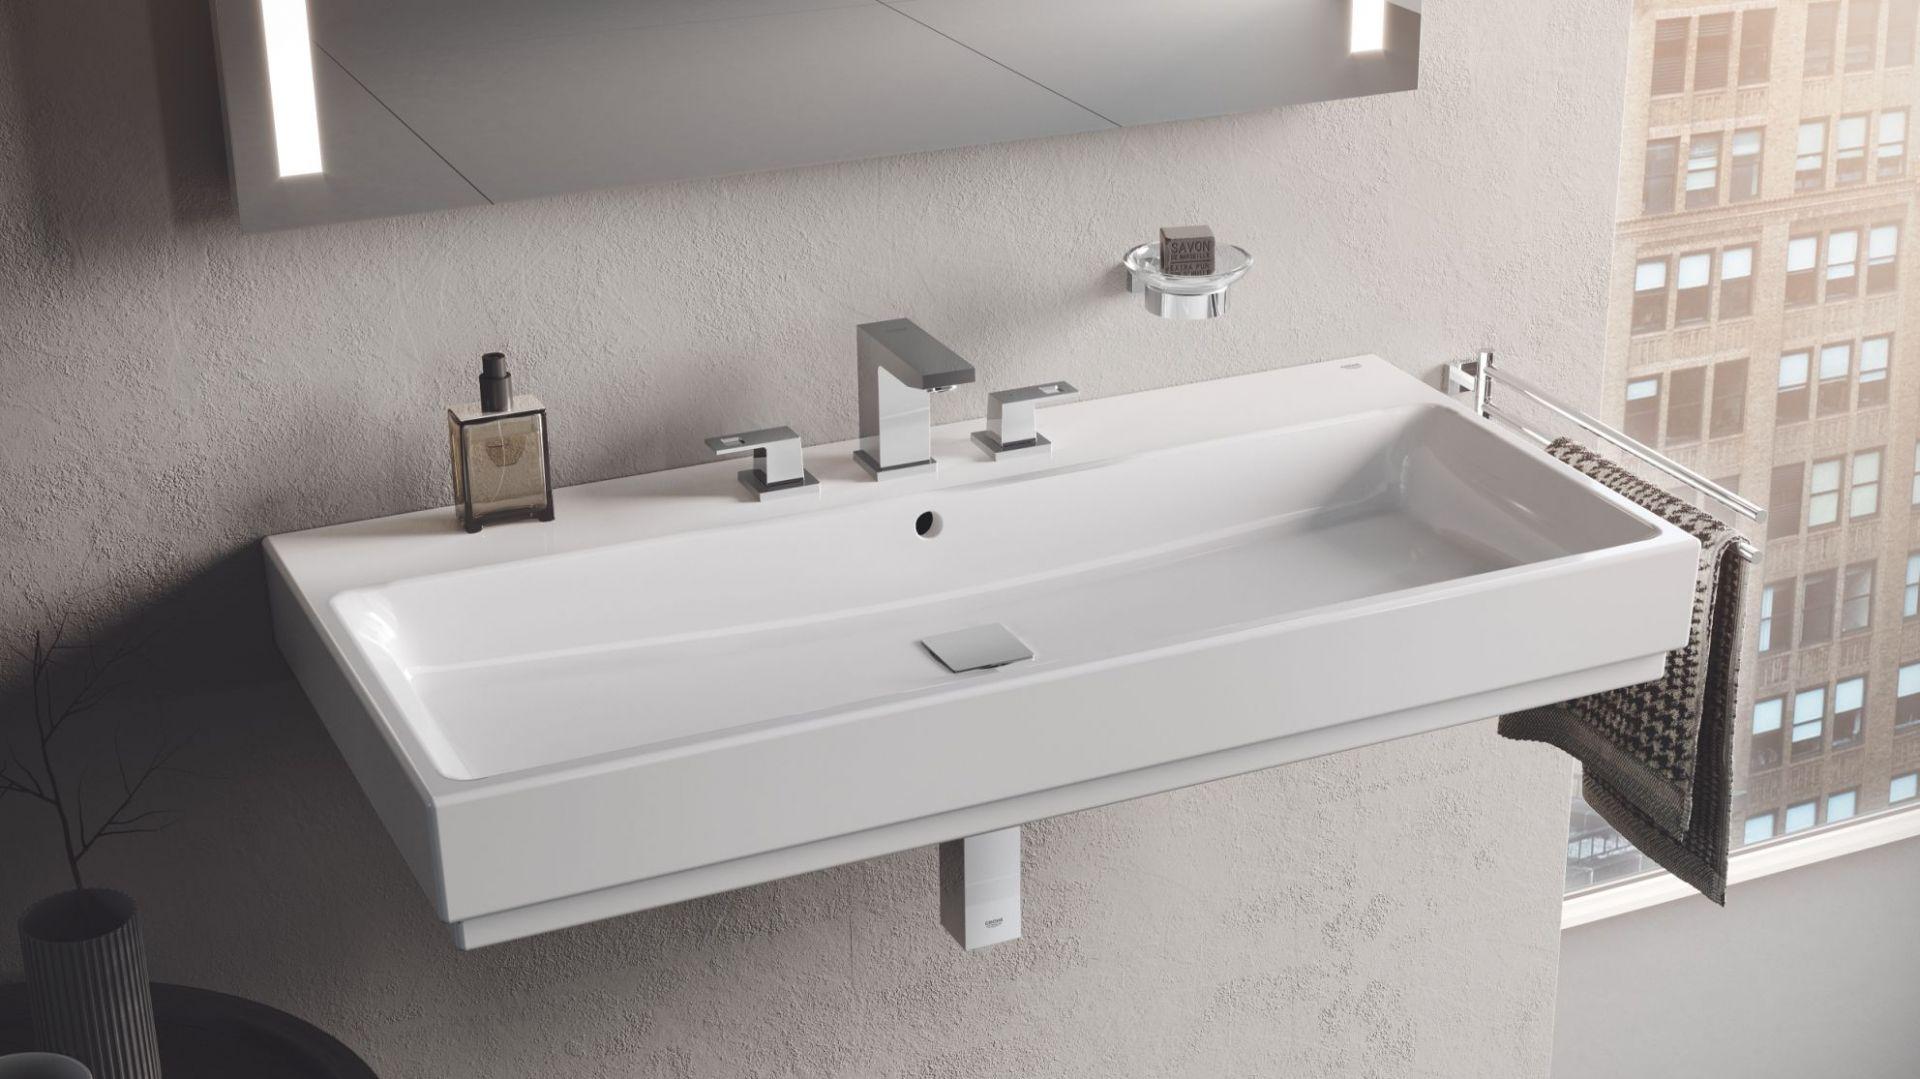 Ceramika sanitarna z serii Grohe Cube Ceramic. Fot. Grohe